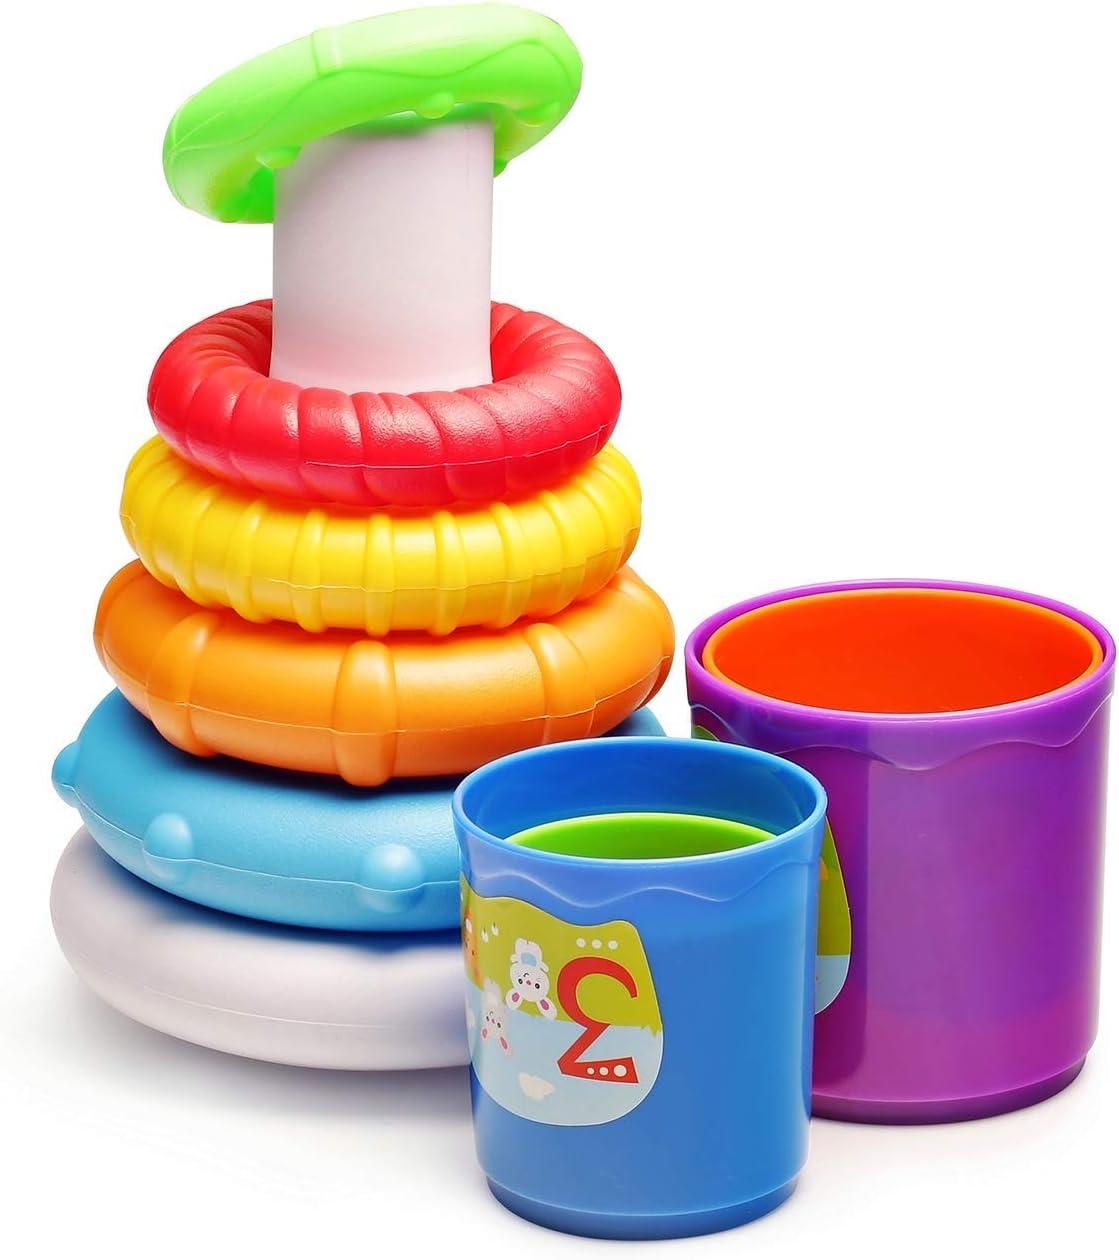 Adultos Unisex Multicolor Creaciones Llopis PING/ÜINO Hinchable BALANCIN 70CM 4COL 8422802600462 Brazaletes y flotadores Multicolor Talla /Única